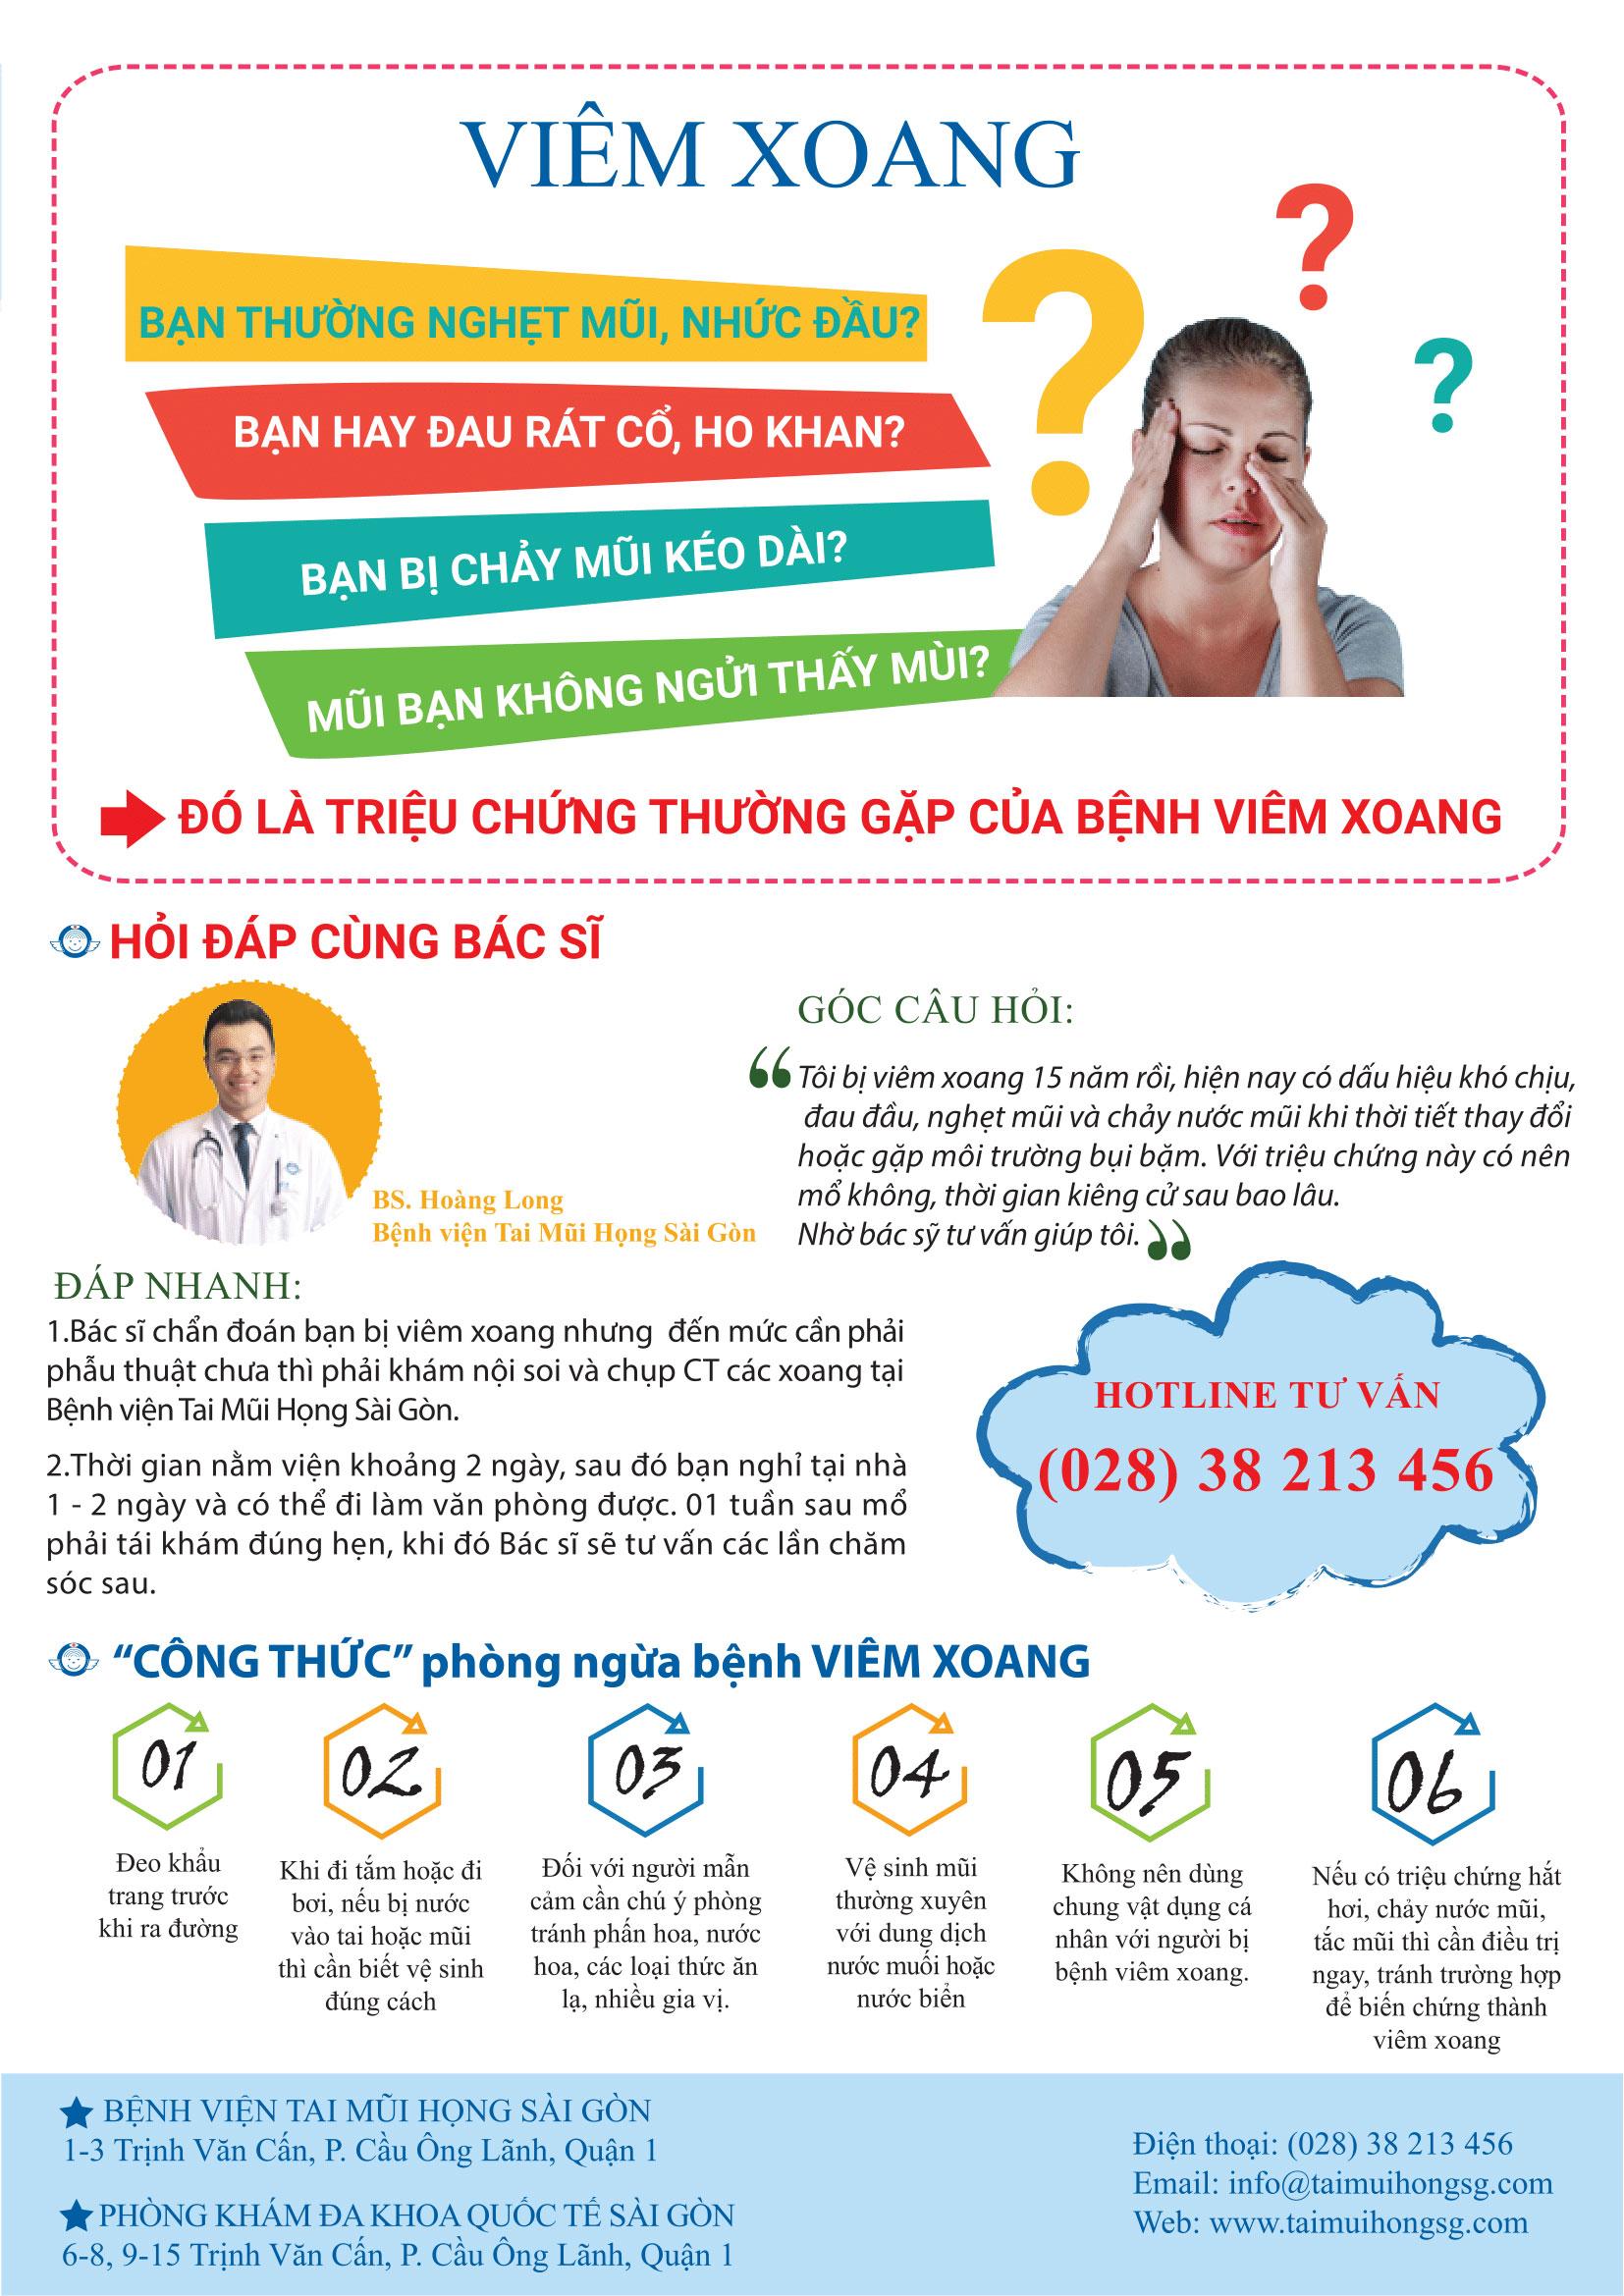 BẢN TIN SỨC KHỎE THÁNG 8 - BỆNH DẠ DÀY - VIÊM XOANG - Bệnh viện Tai Mũi Họng Sài Gòn